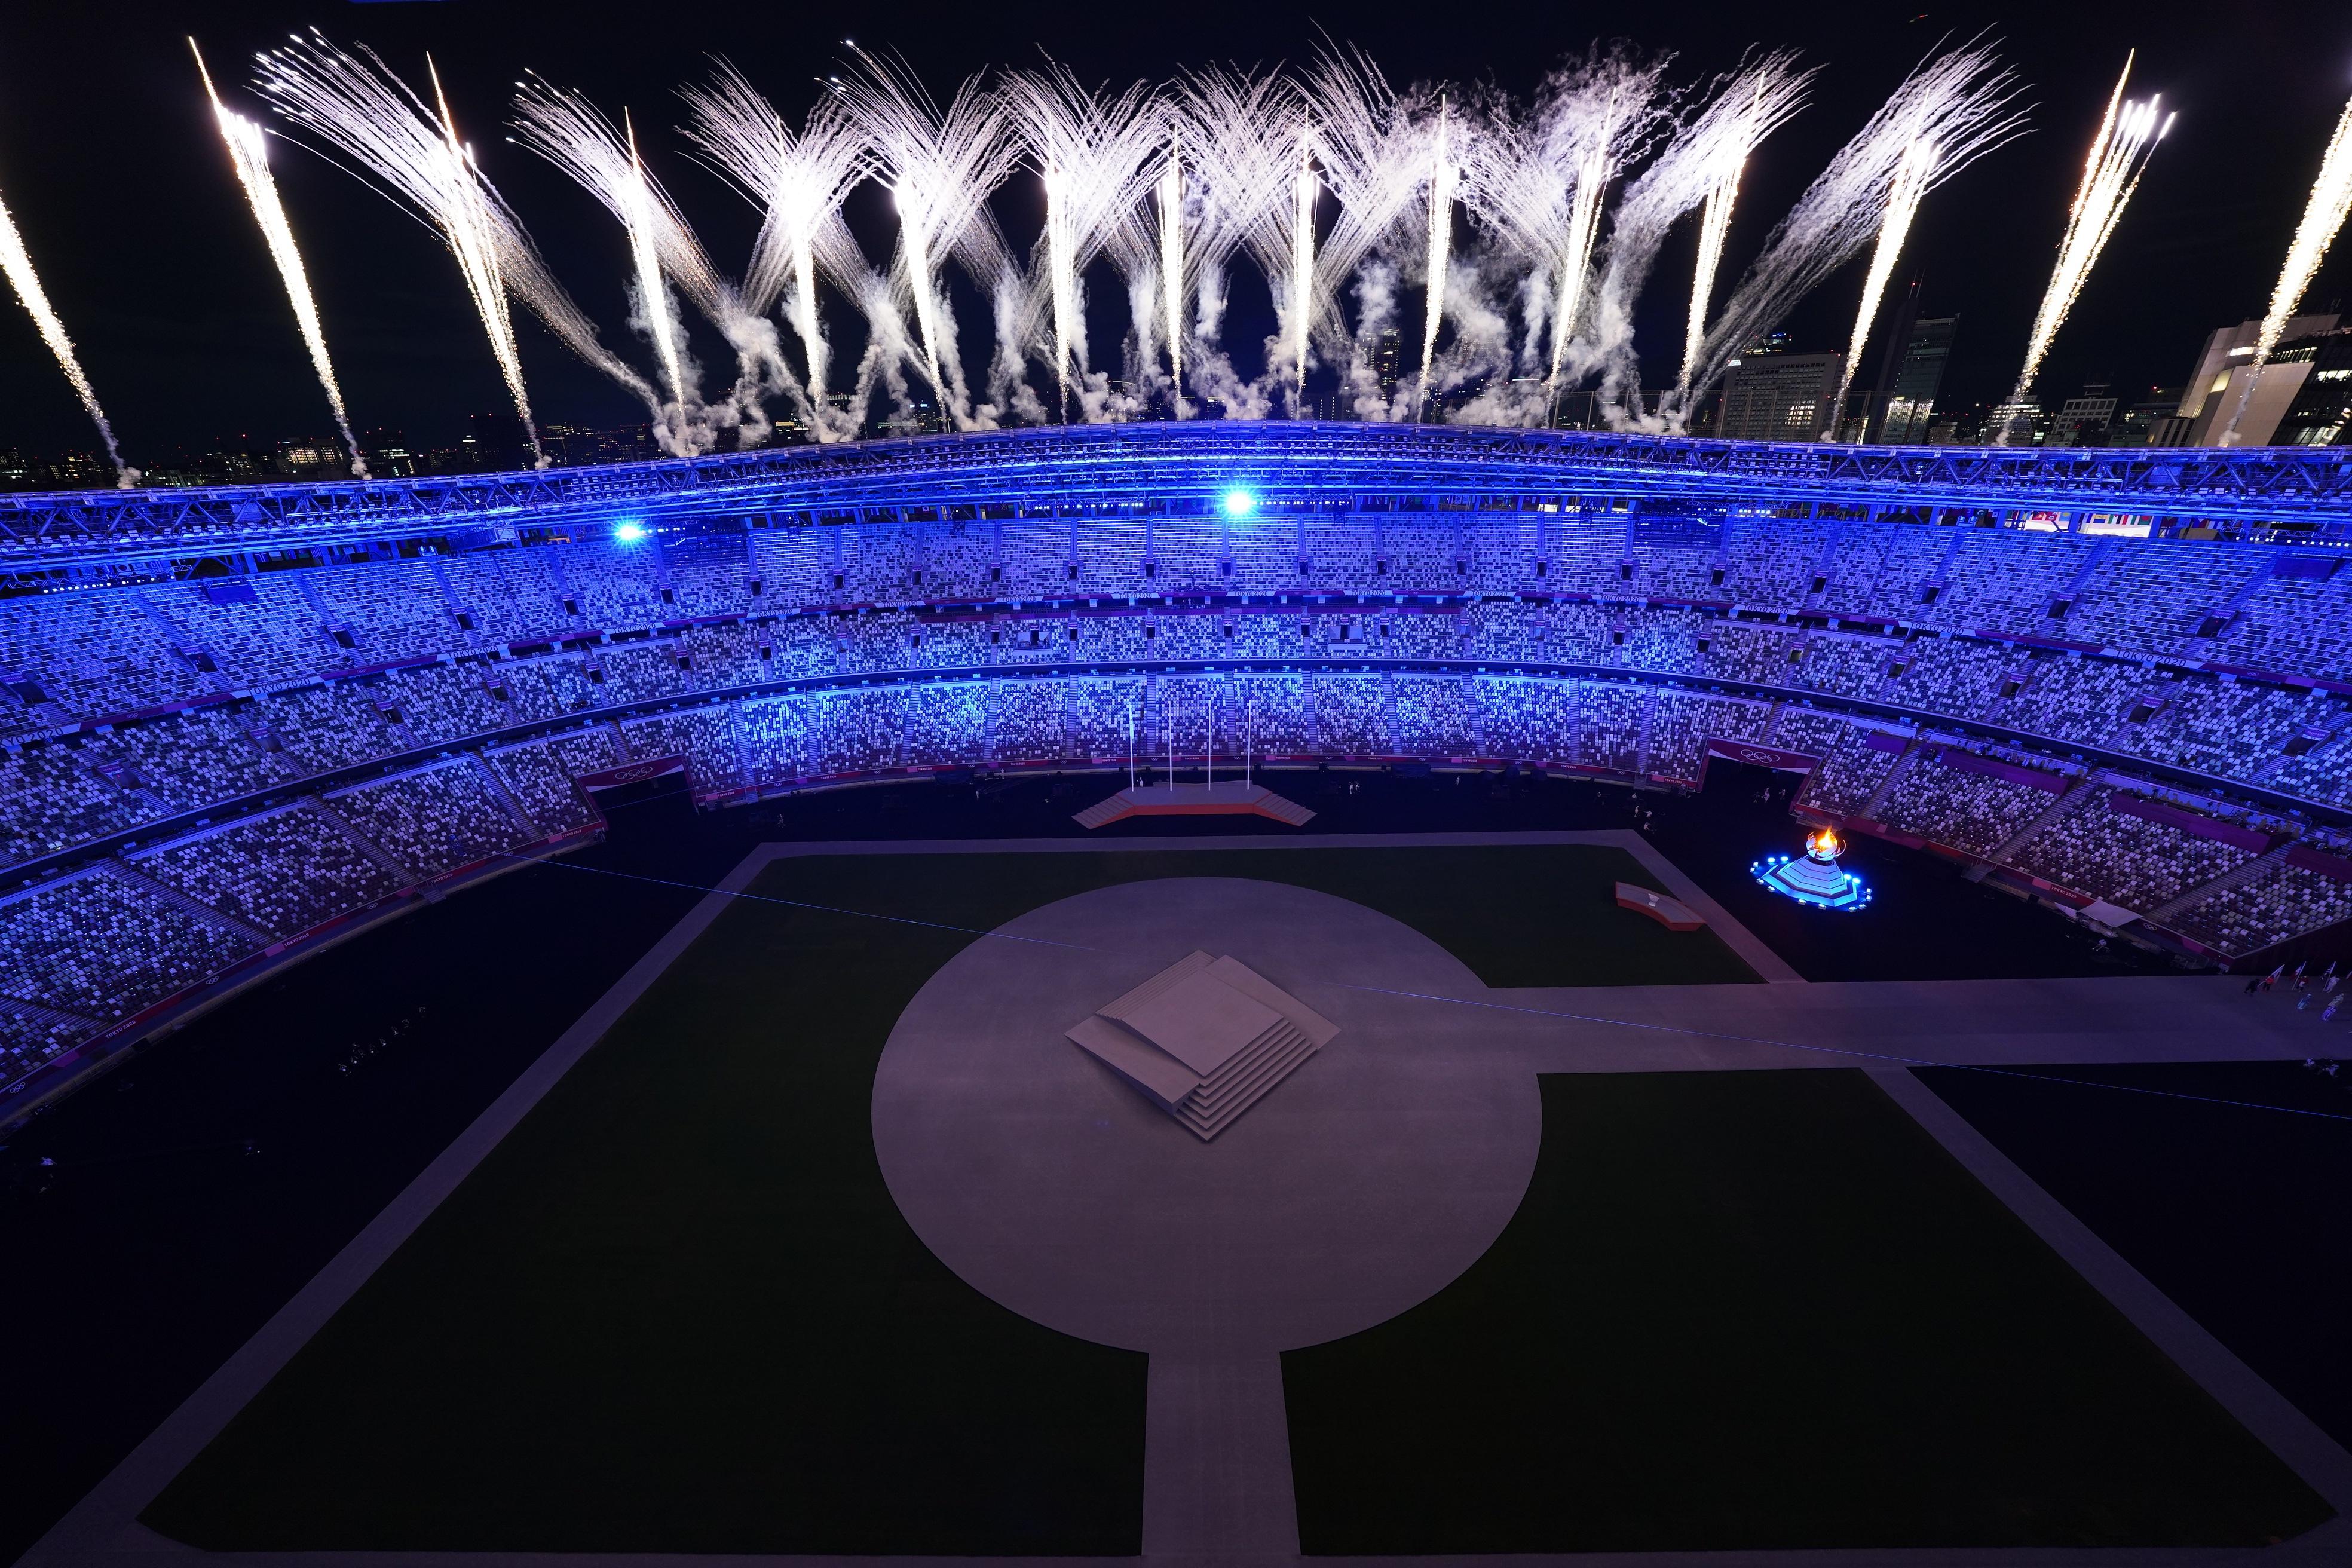 क्लोजिंग सेरेमनी के लिए स्टेडियम को कुछ यूं सजाया गया। मैदान पर आतिशबाजी भी हुई।